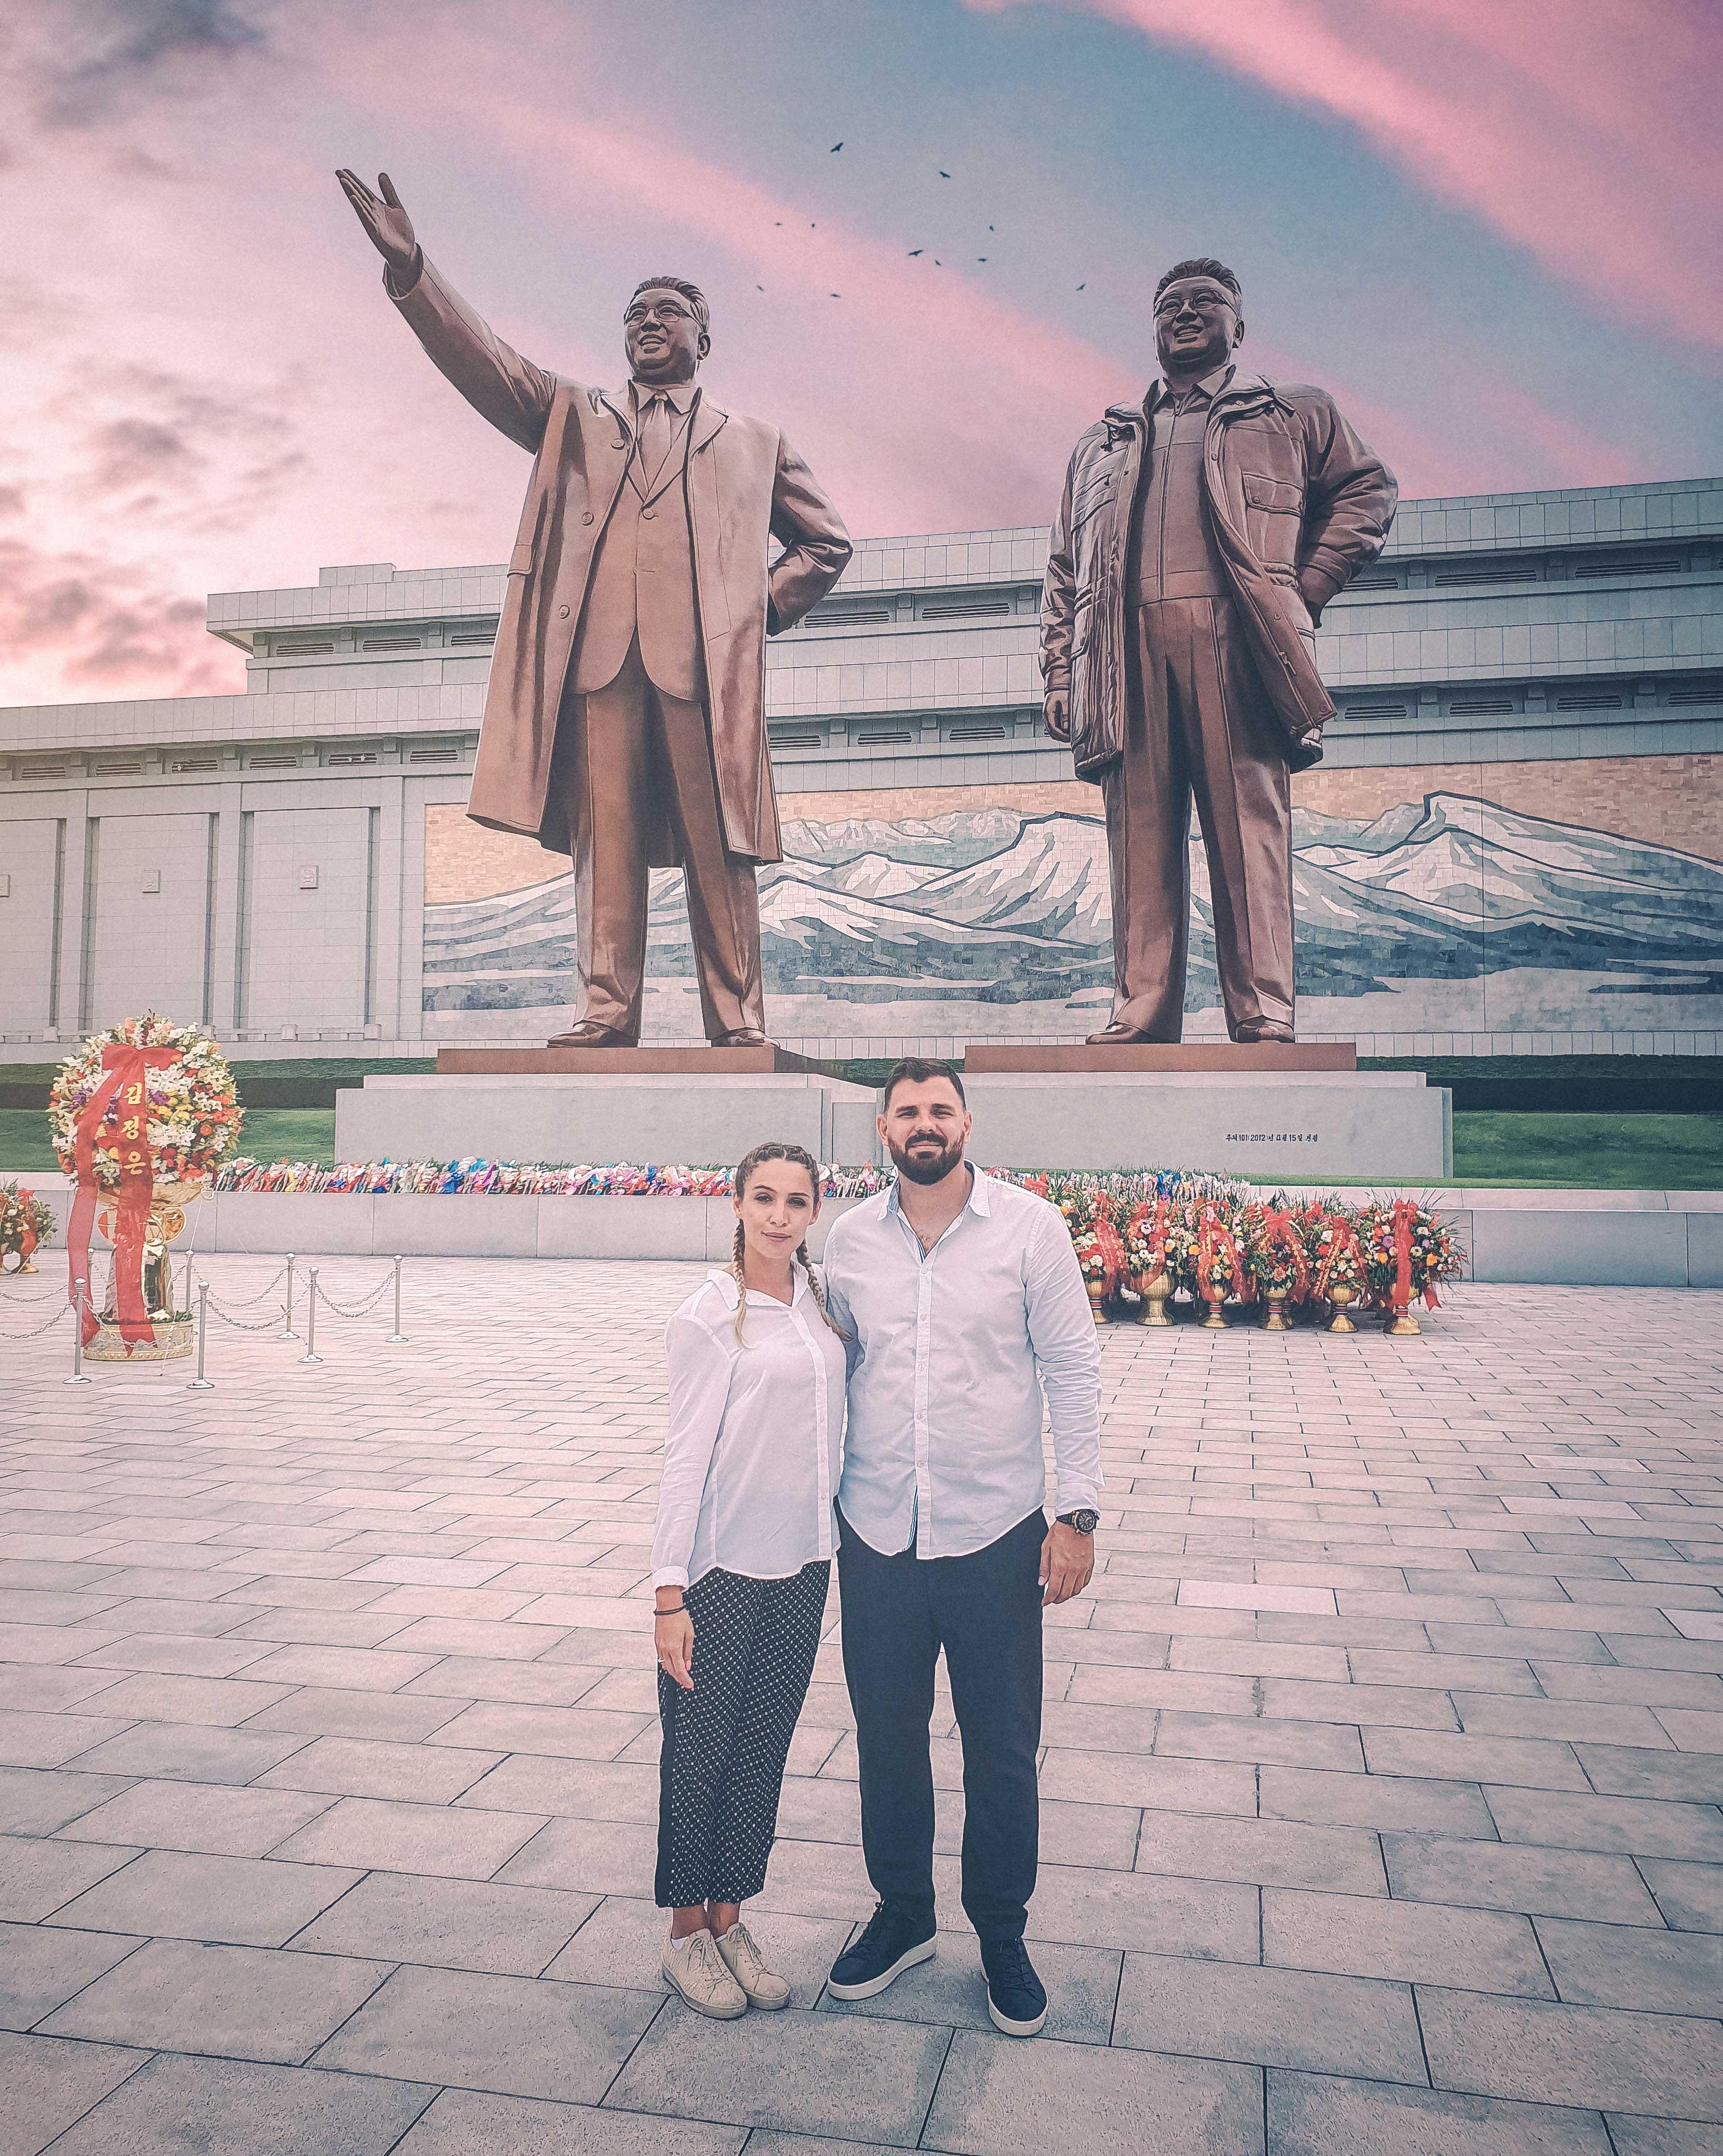 Sjeverna koreja, kristijan ilicic, kim jong il, kim jong un